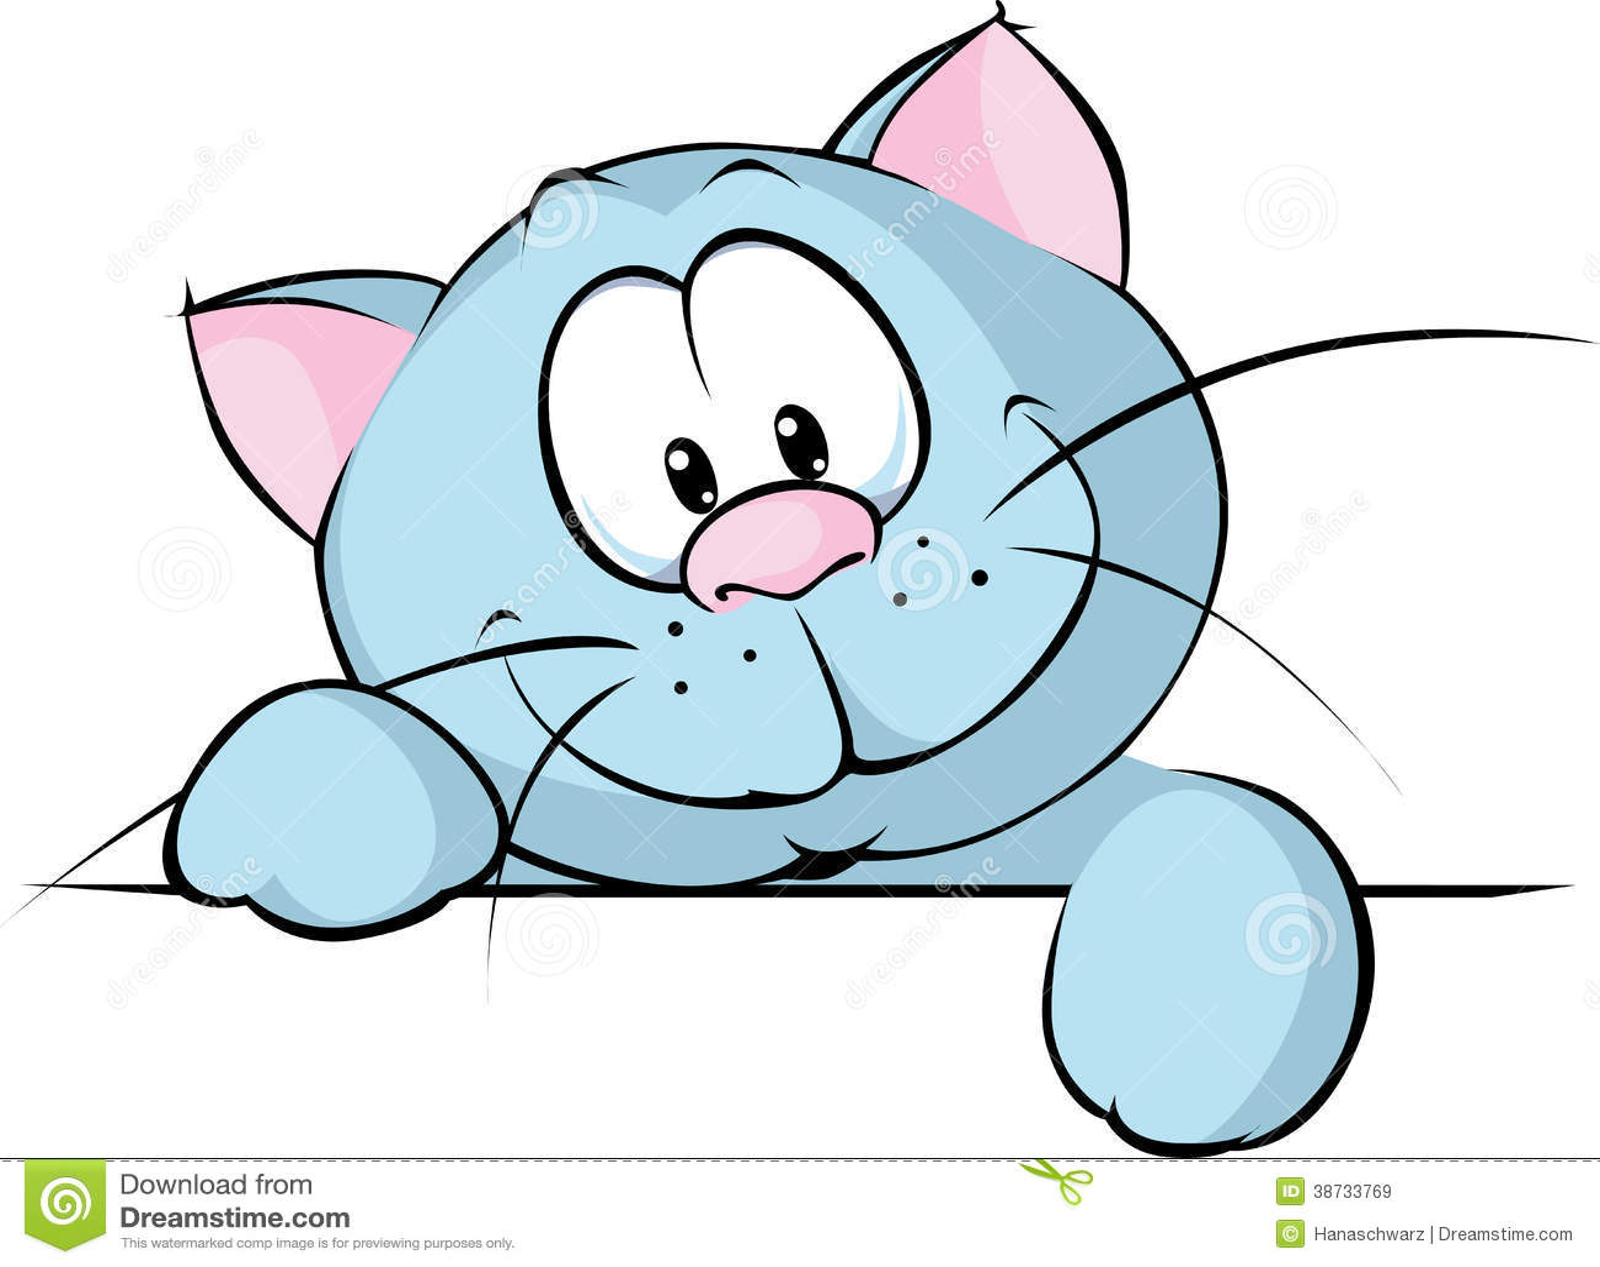 Blue+Cat+Cartoon Briti...